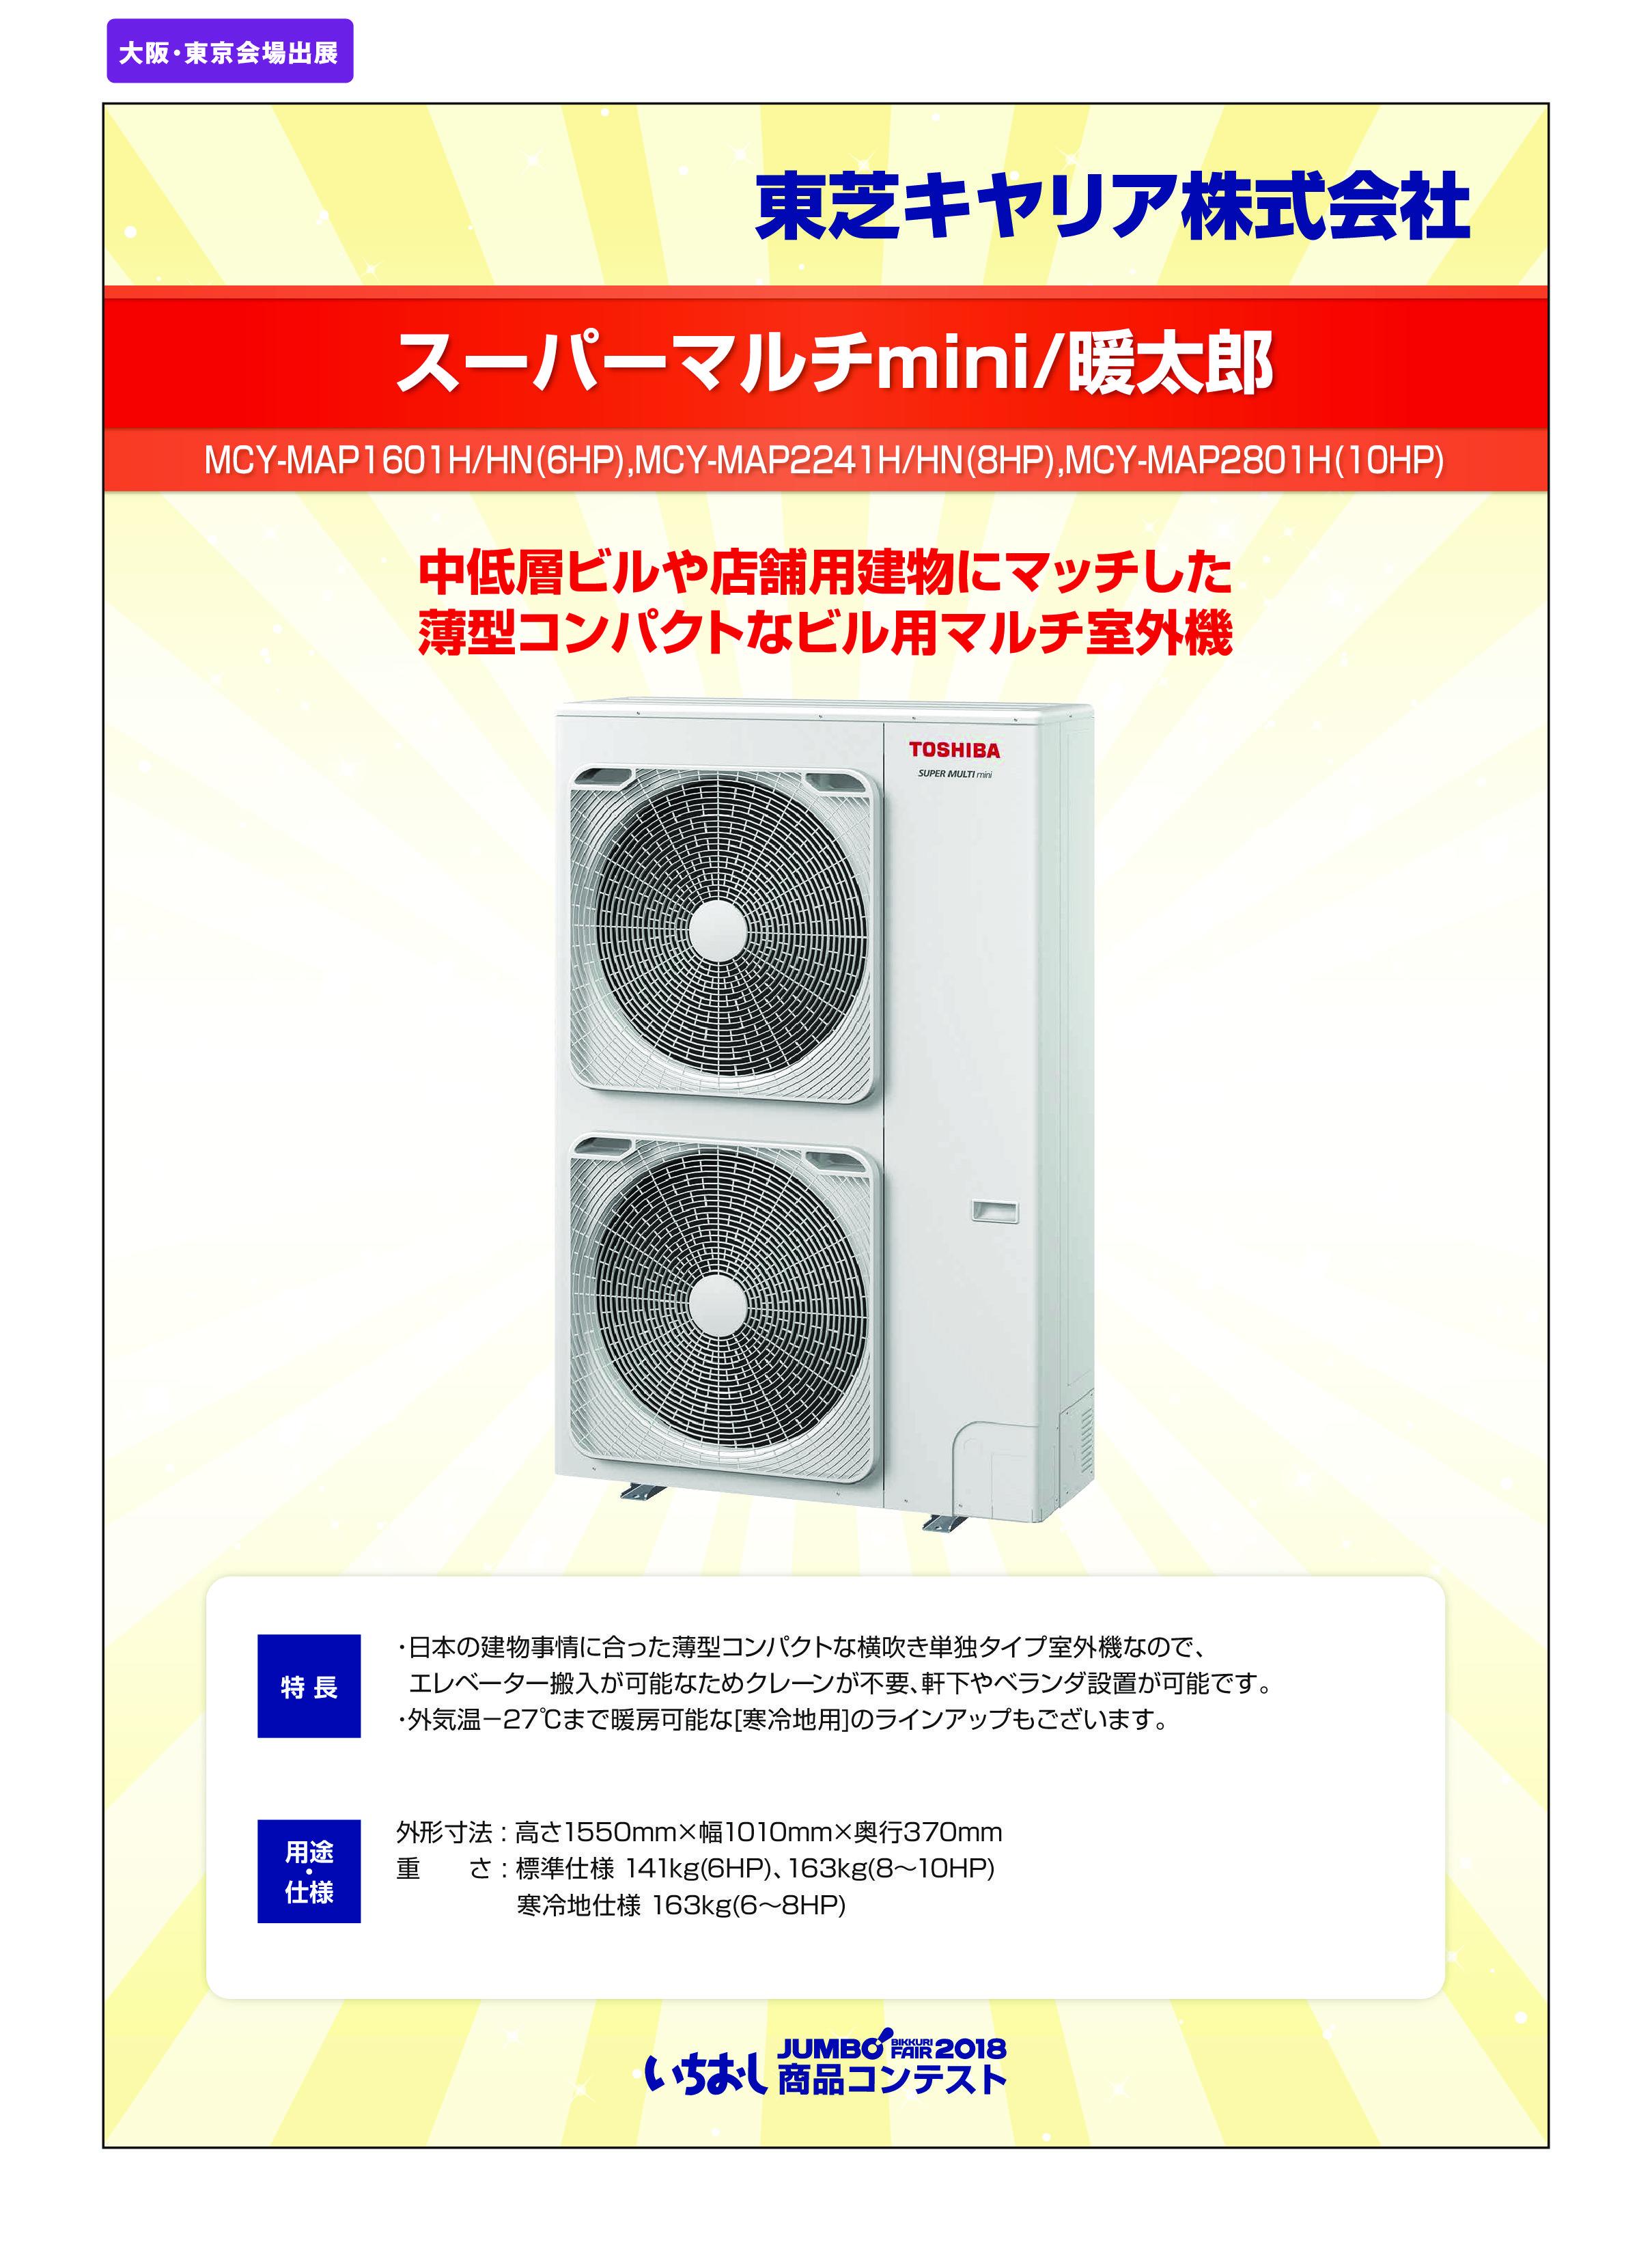 「スーパーマルチmini/暖太郎」東芝キヤリア株式会社の画像